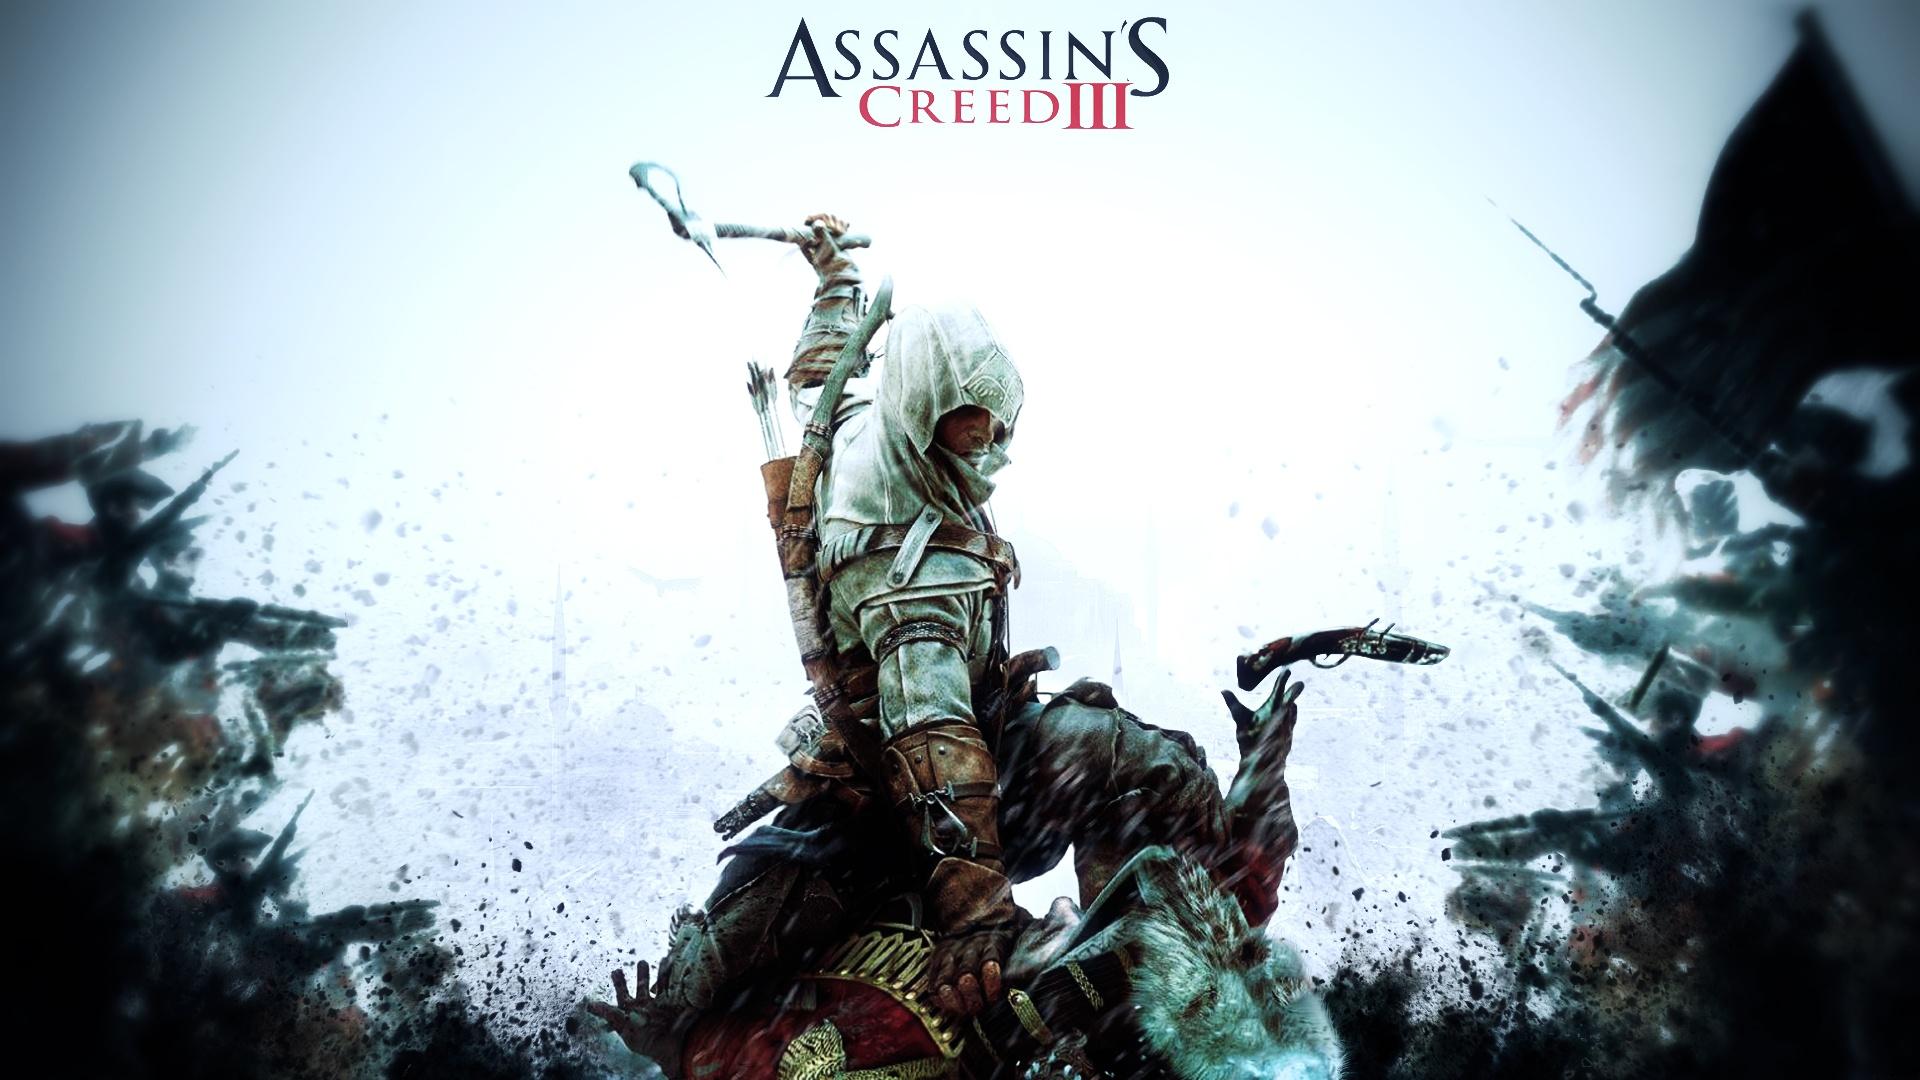 Assassins Creed 3 1920x1080 1920x1080